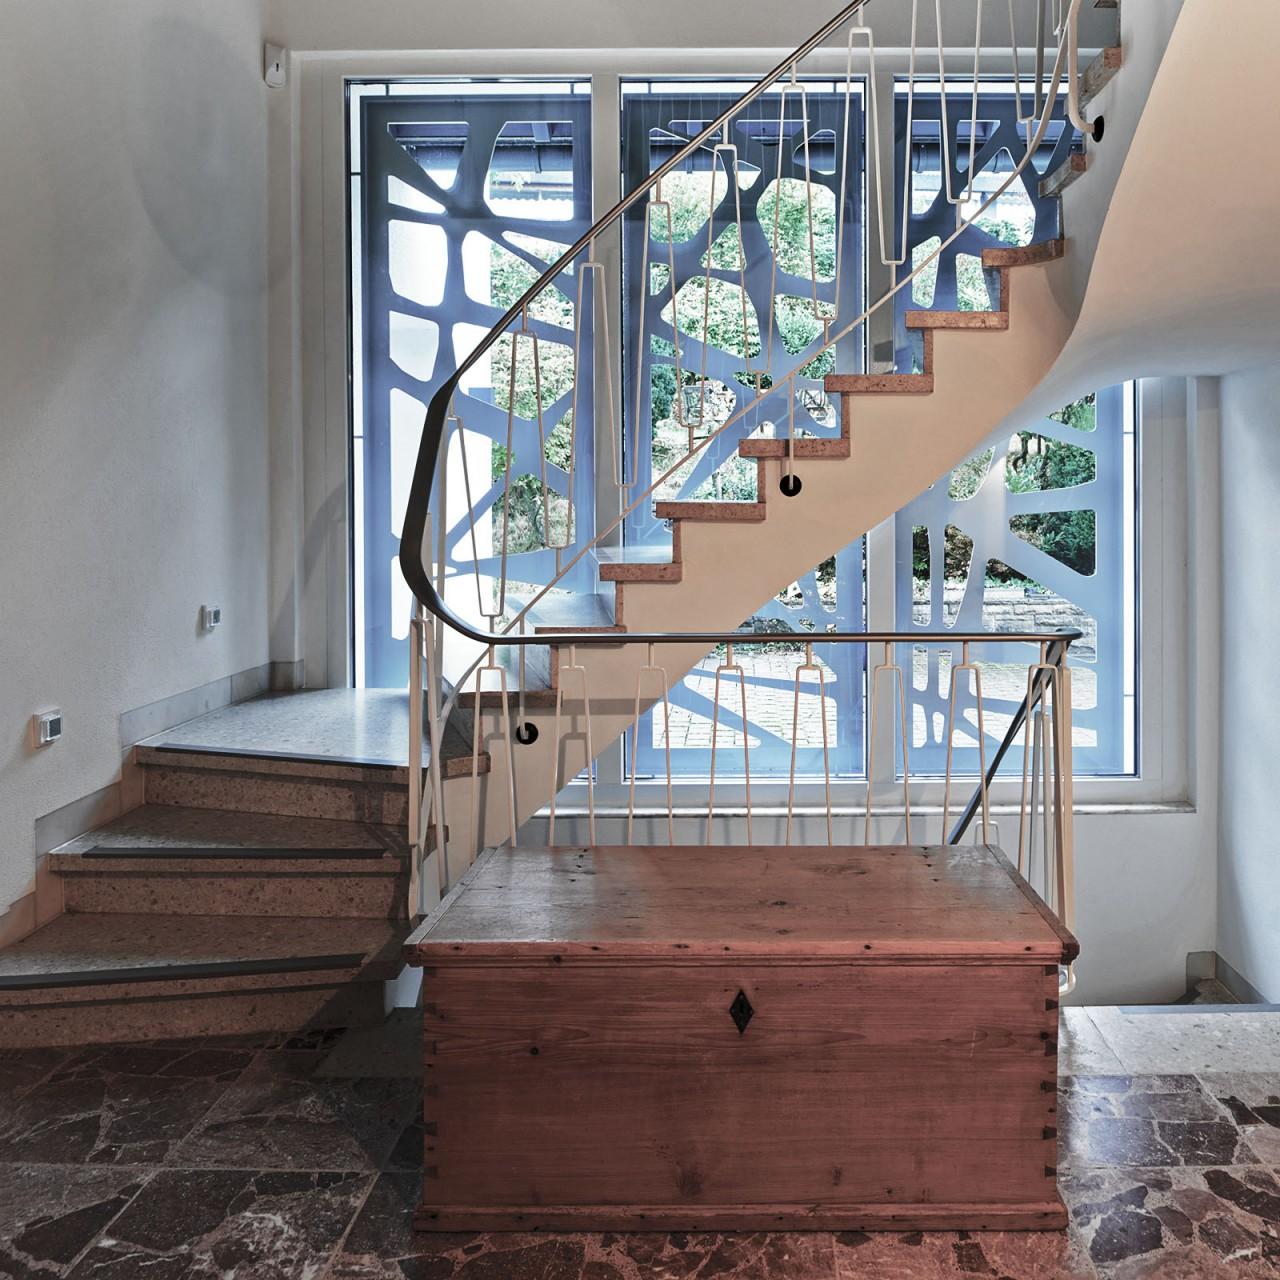 Komplettsanierung eines wohnhauses kkw architekten - Kkw architekten ...